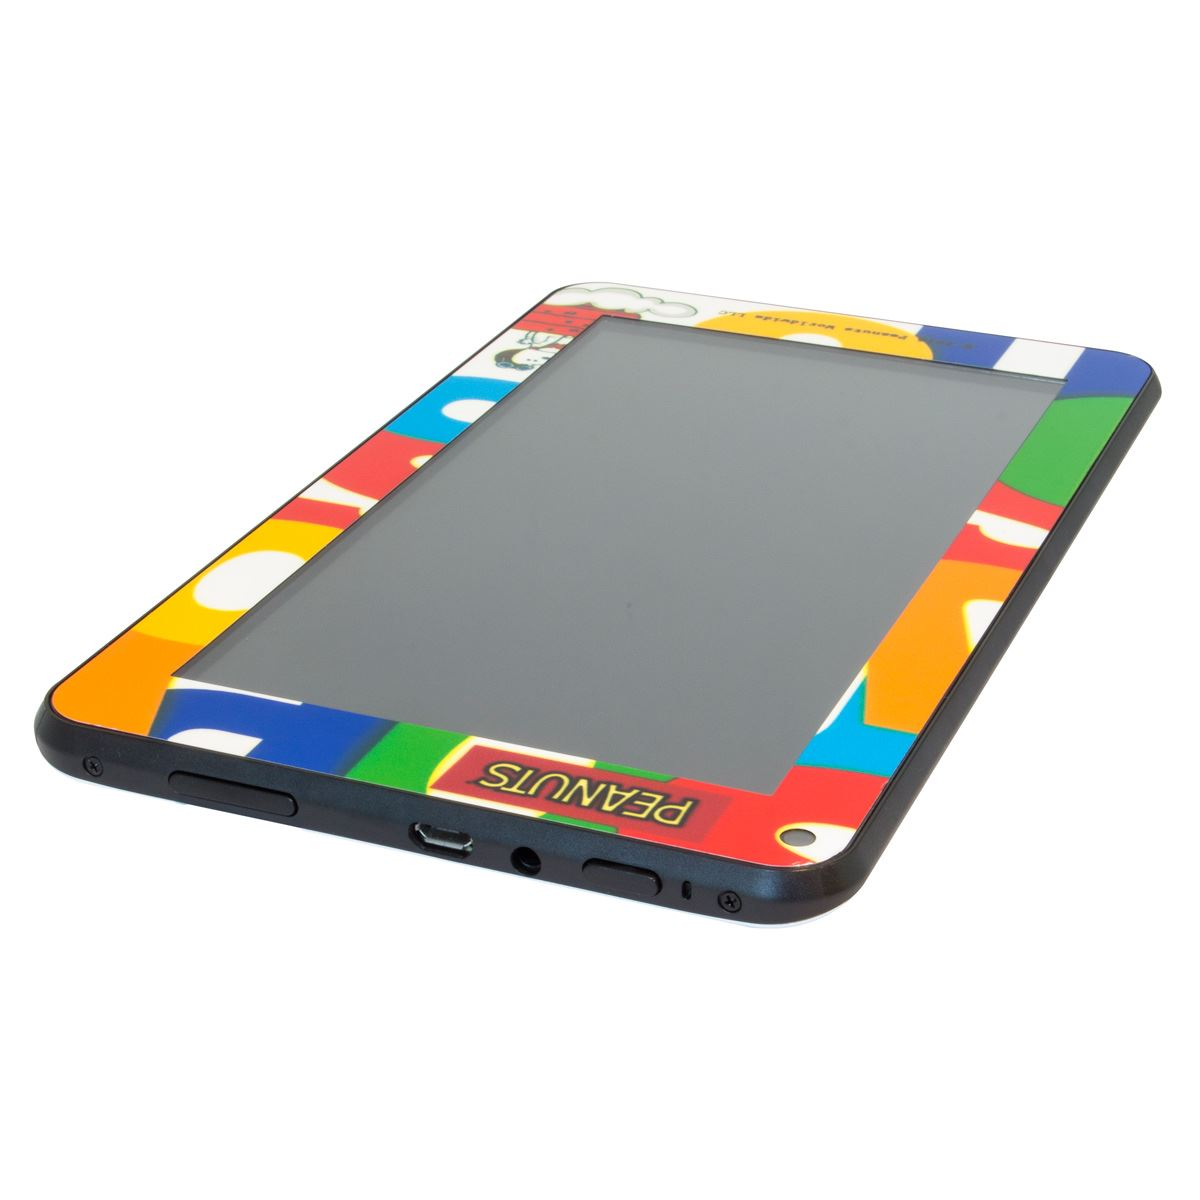 Tablet Snoopy Pad Movie Smart Price